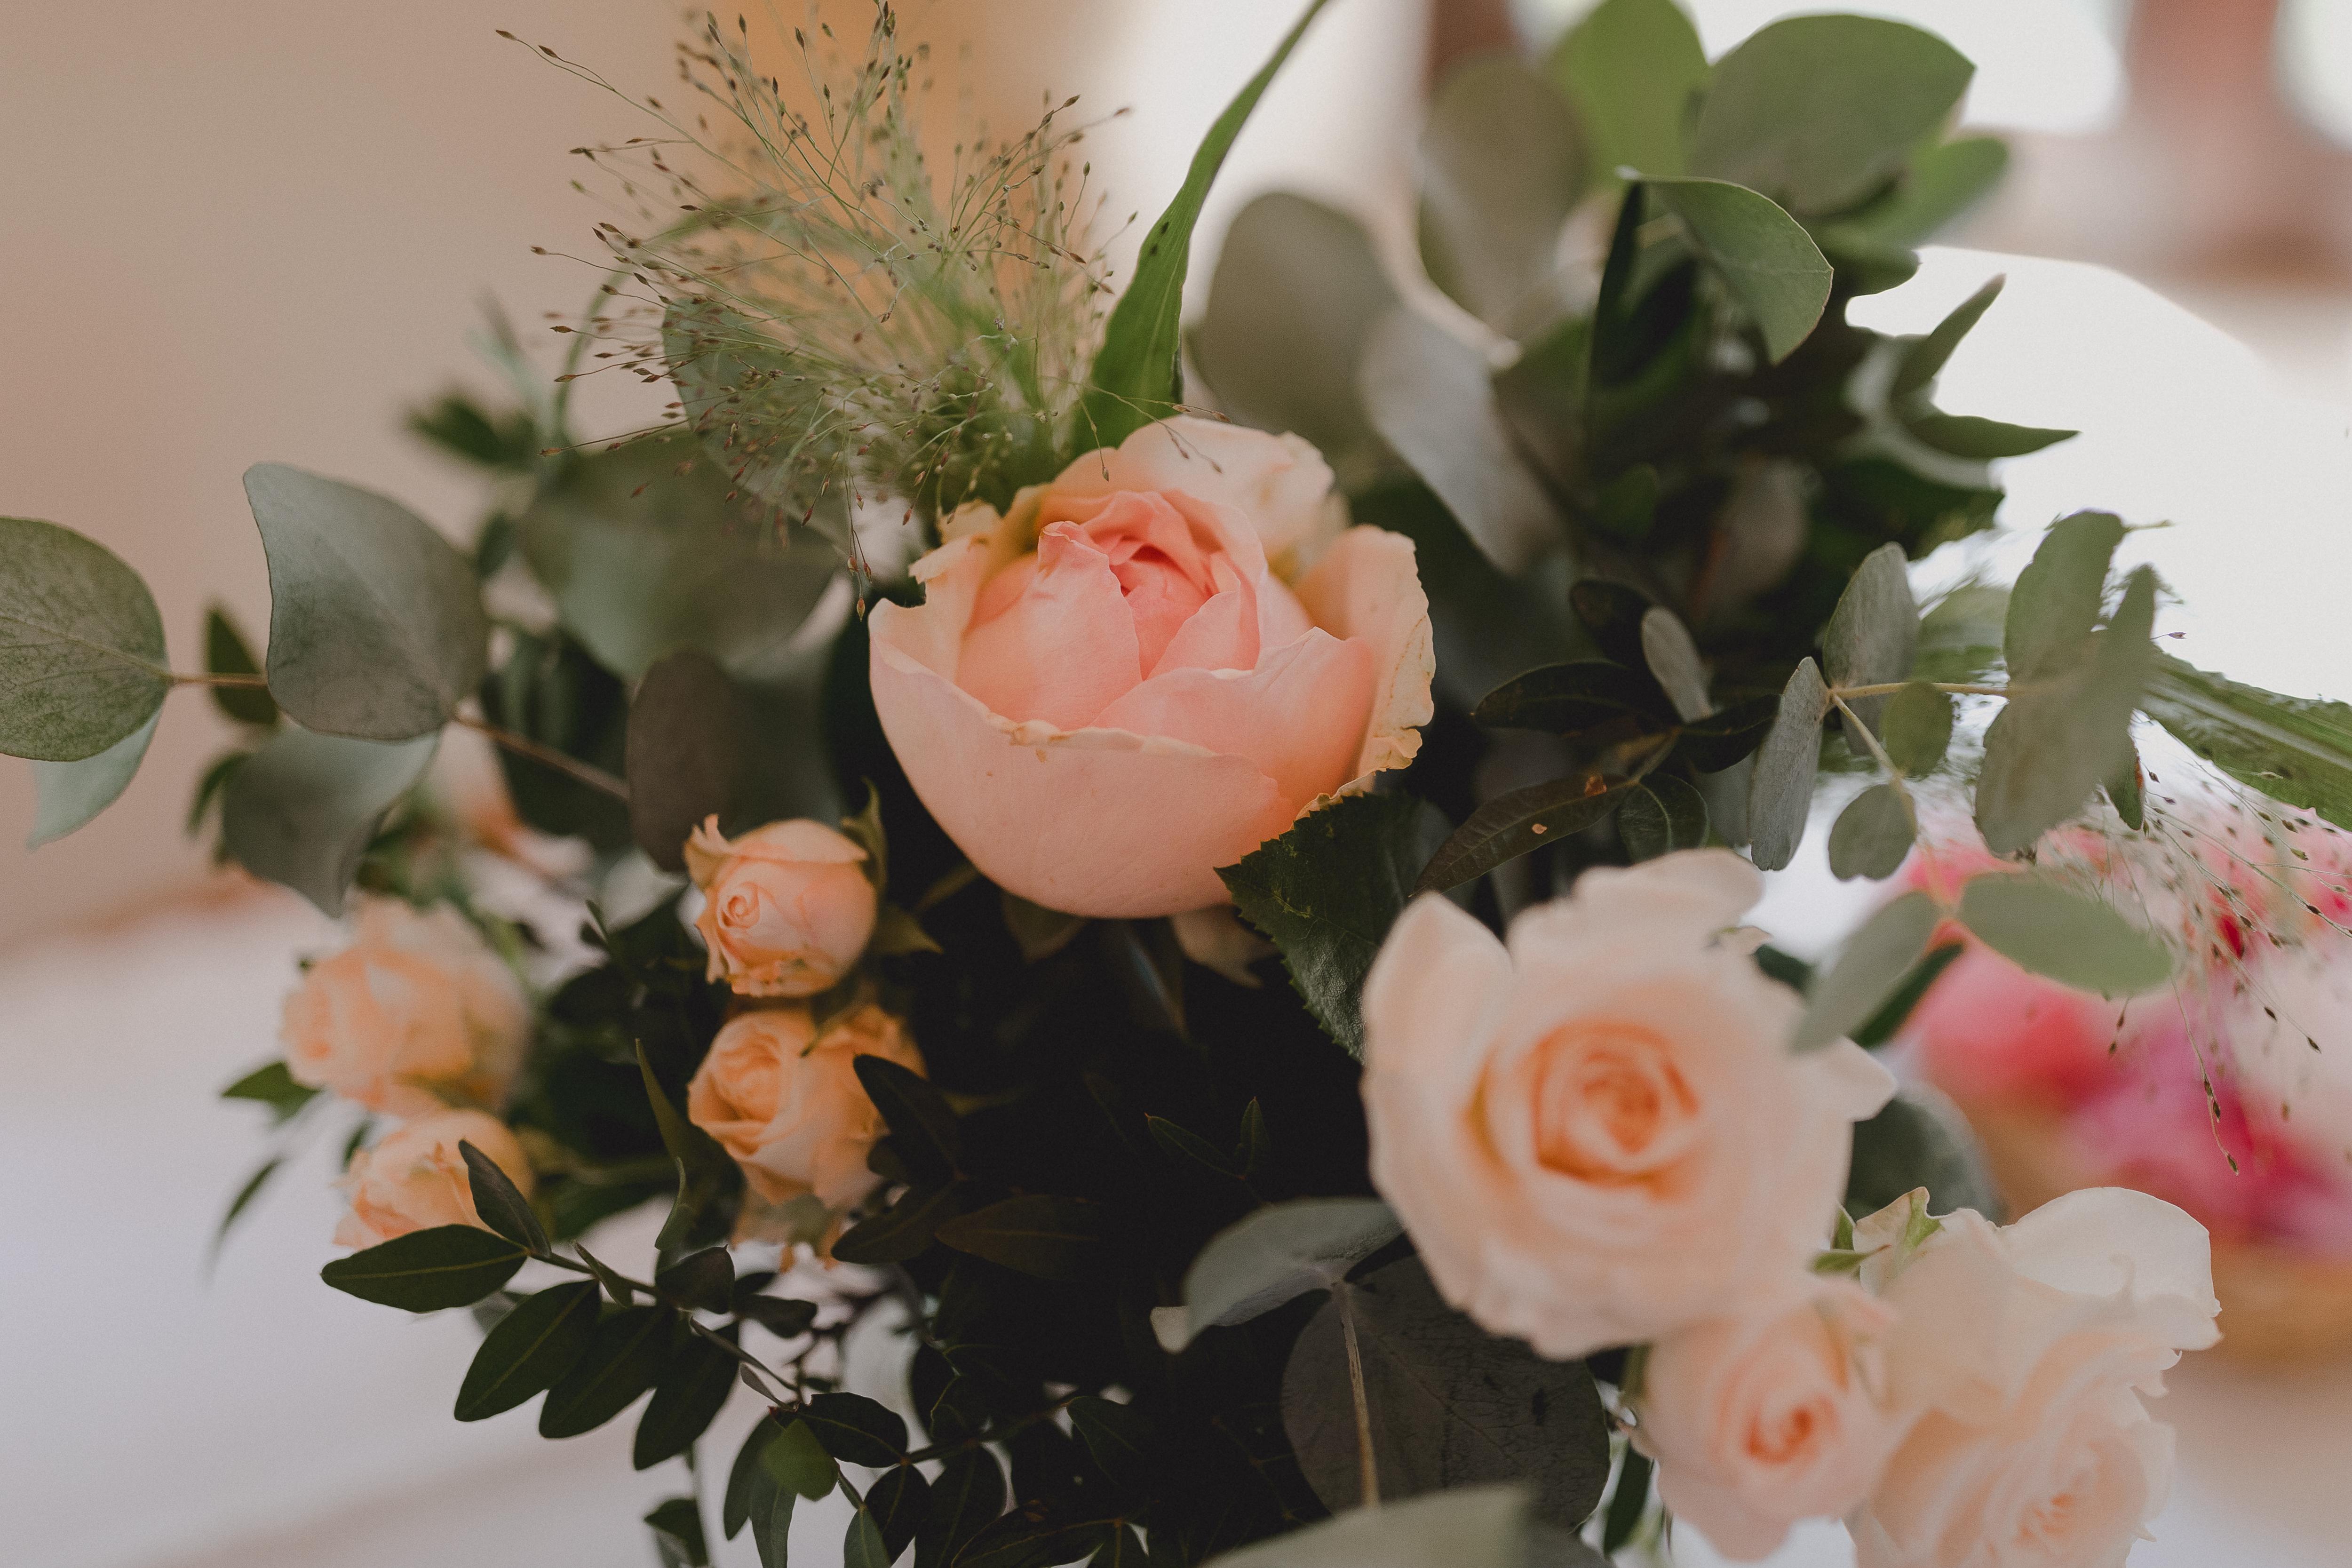 URBANERIE_Daniela_Goth_Vintage_Hochzeitsfotografin_Nuernberg_Fuerth_Erlangen_180609_0160